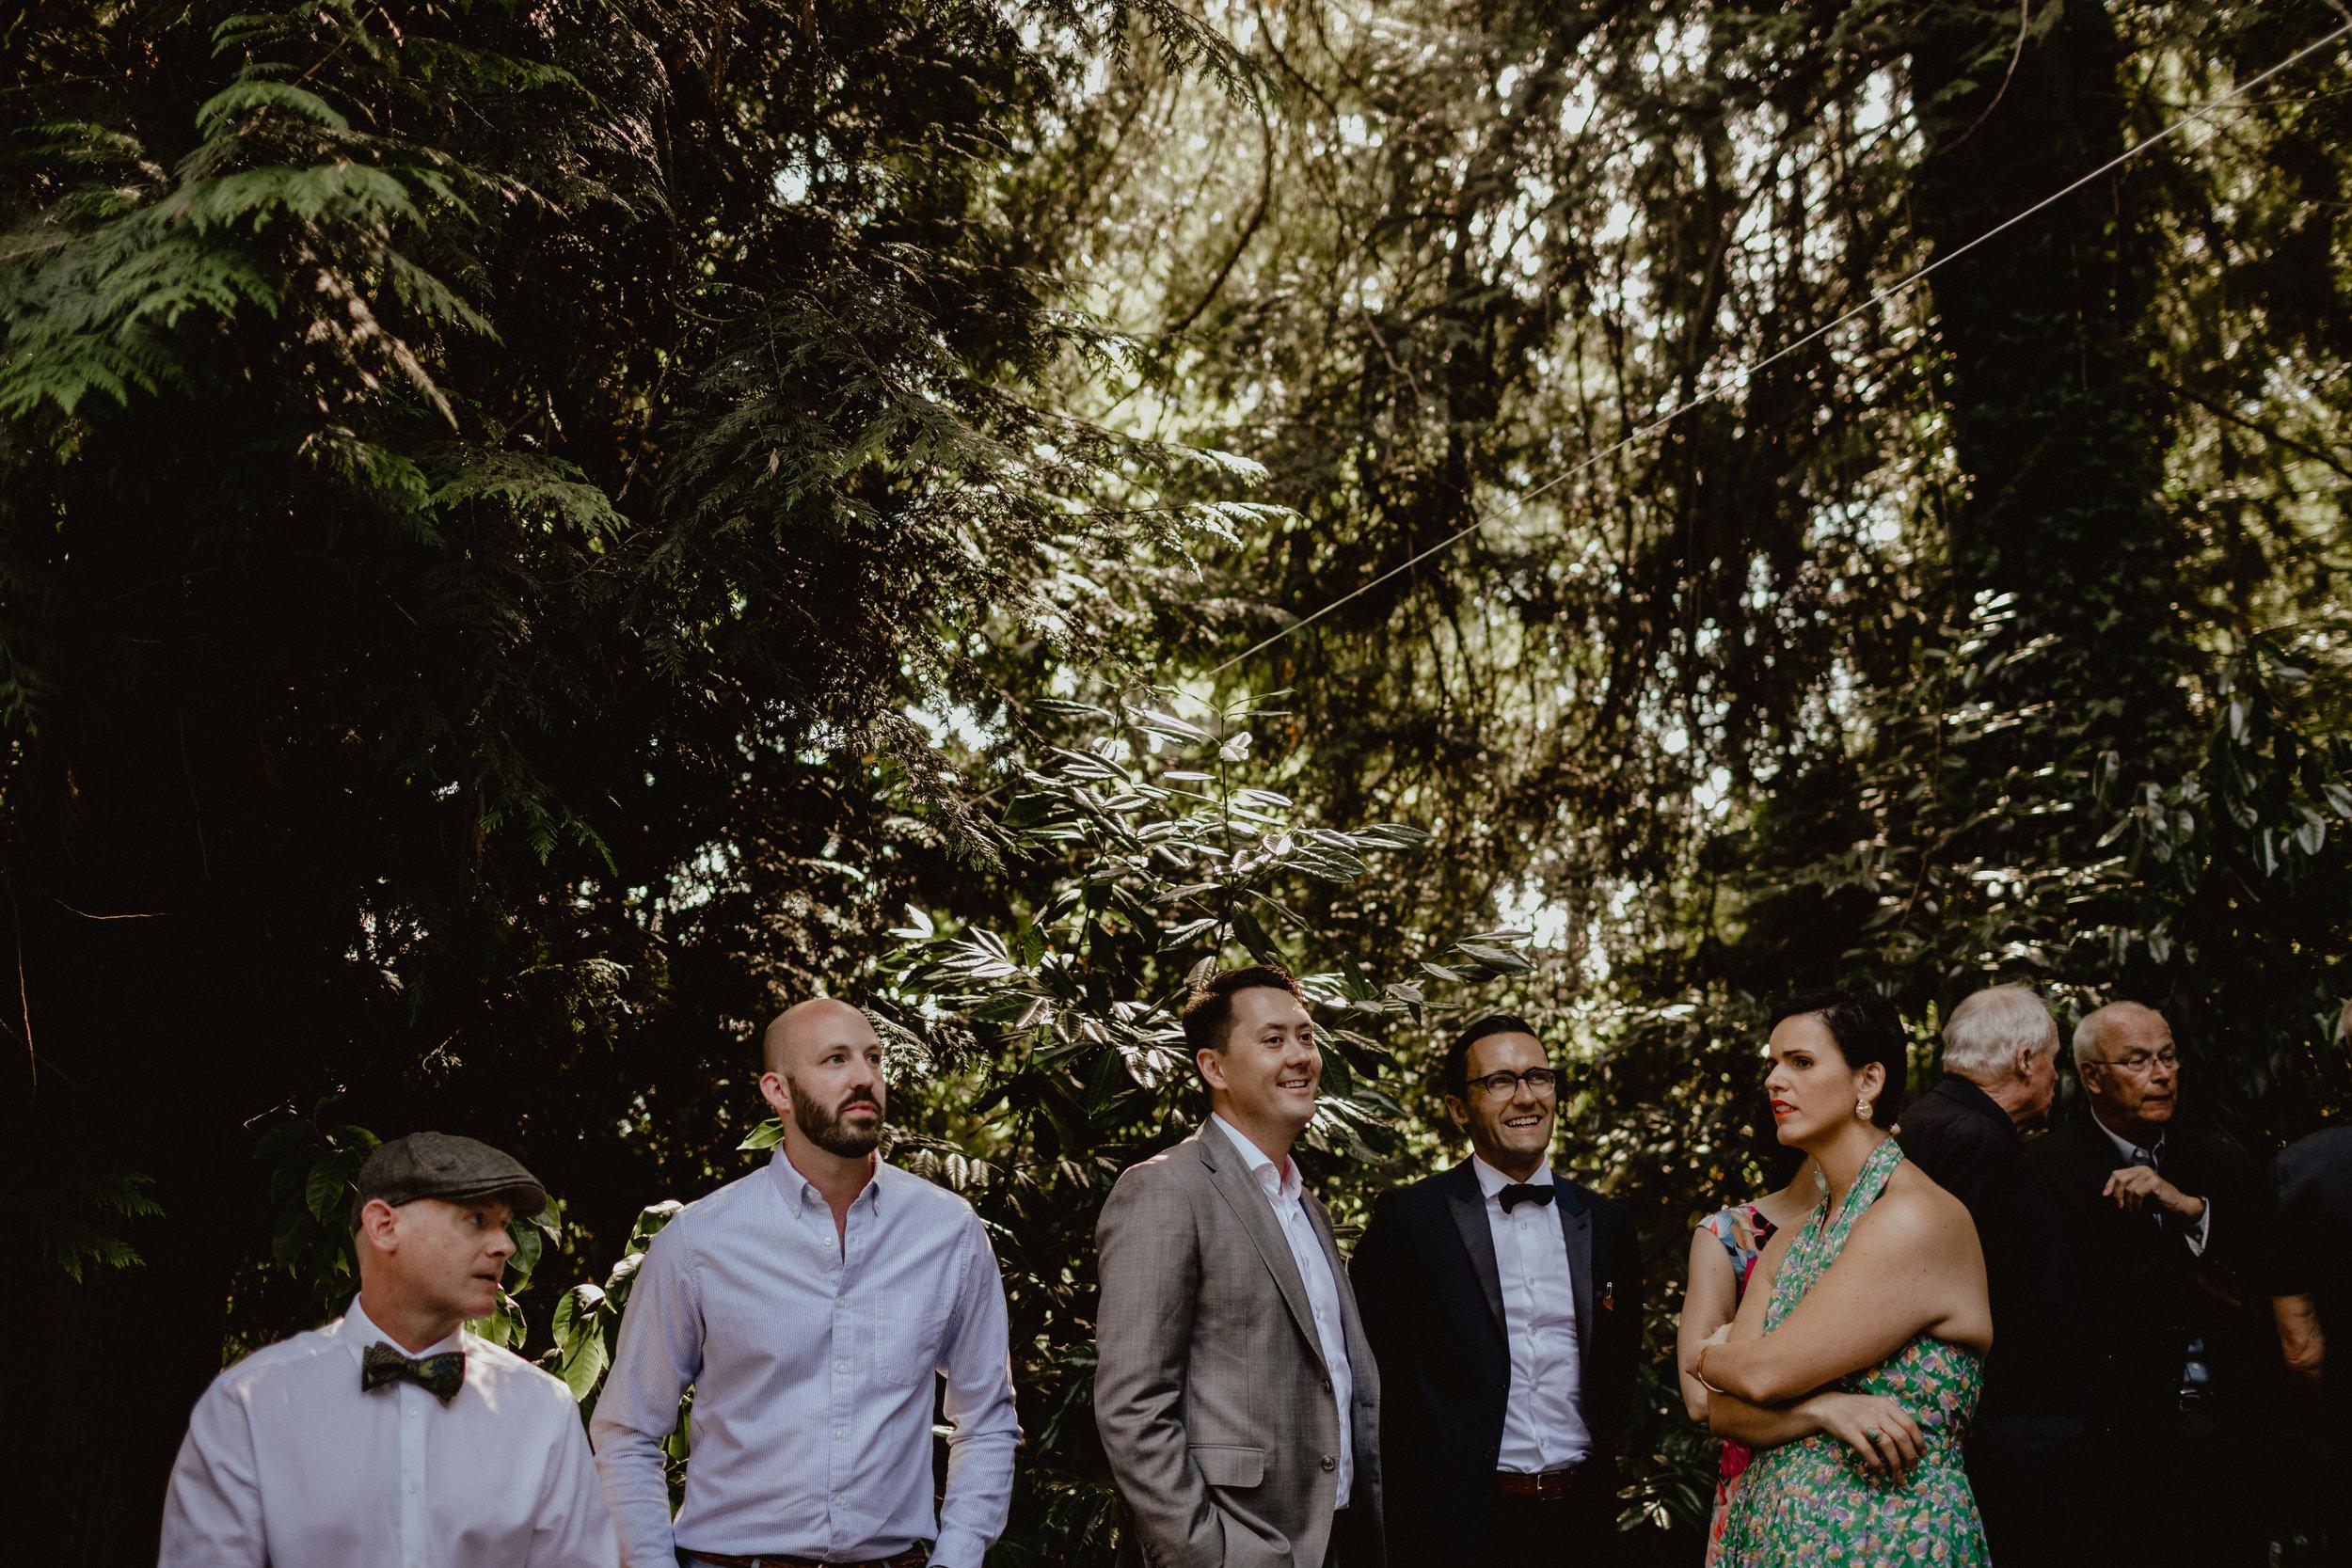 west-vancouver-backyard-wedding-72.jpg